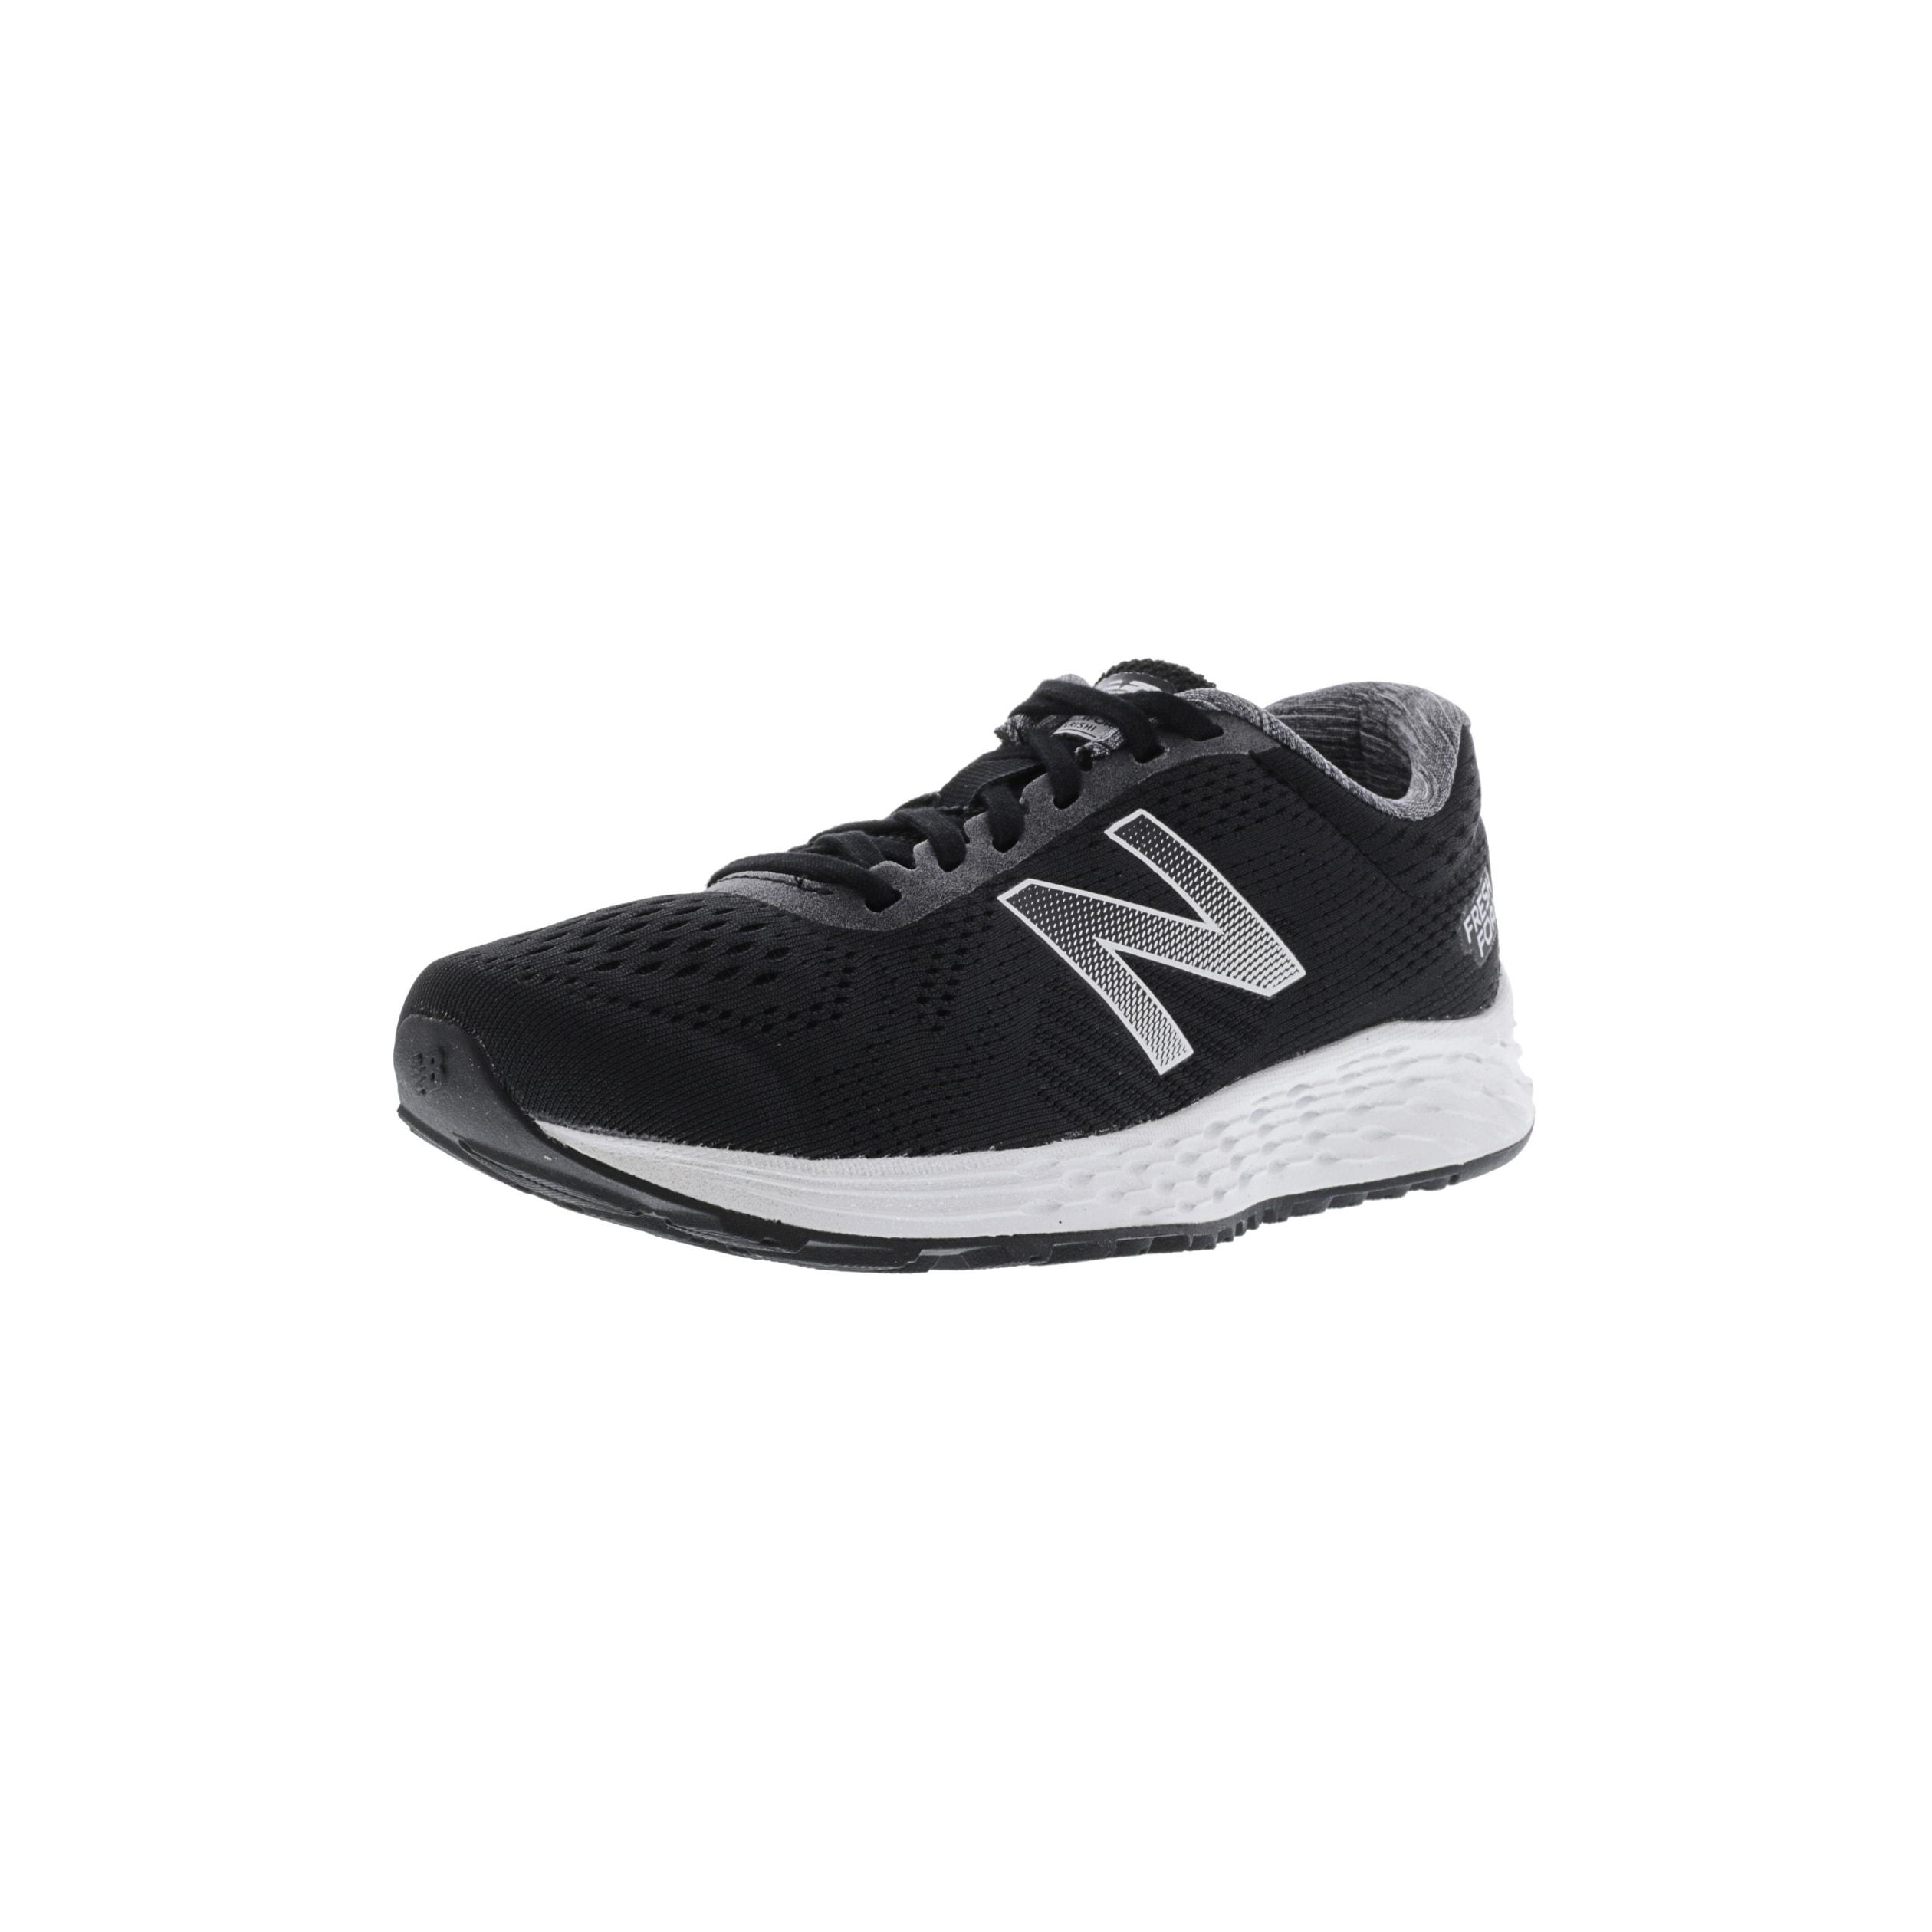 Promotions New Balance Ww847v2 Walking Schuhe Schwarz 6